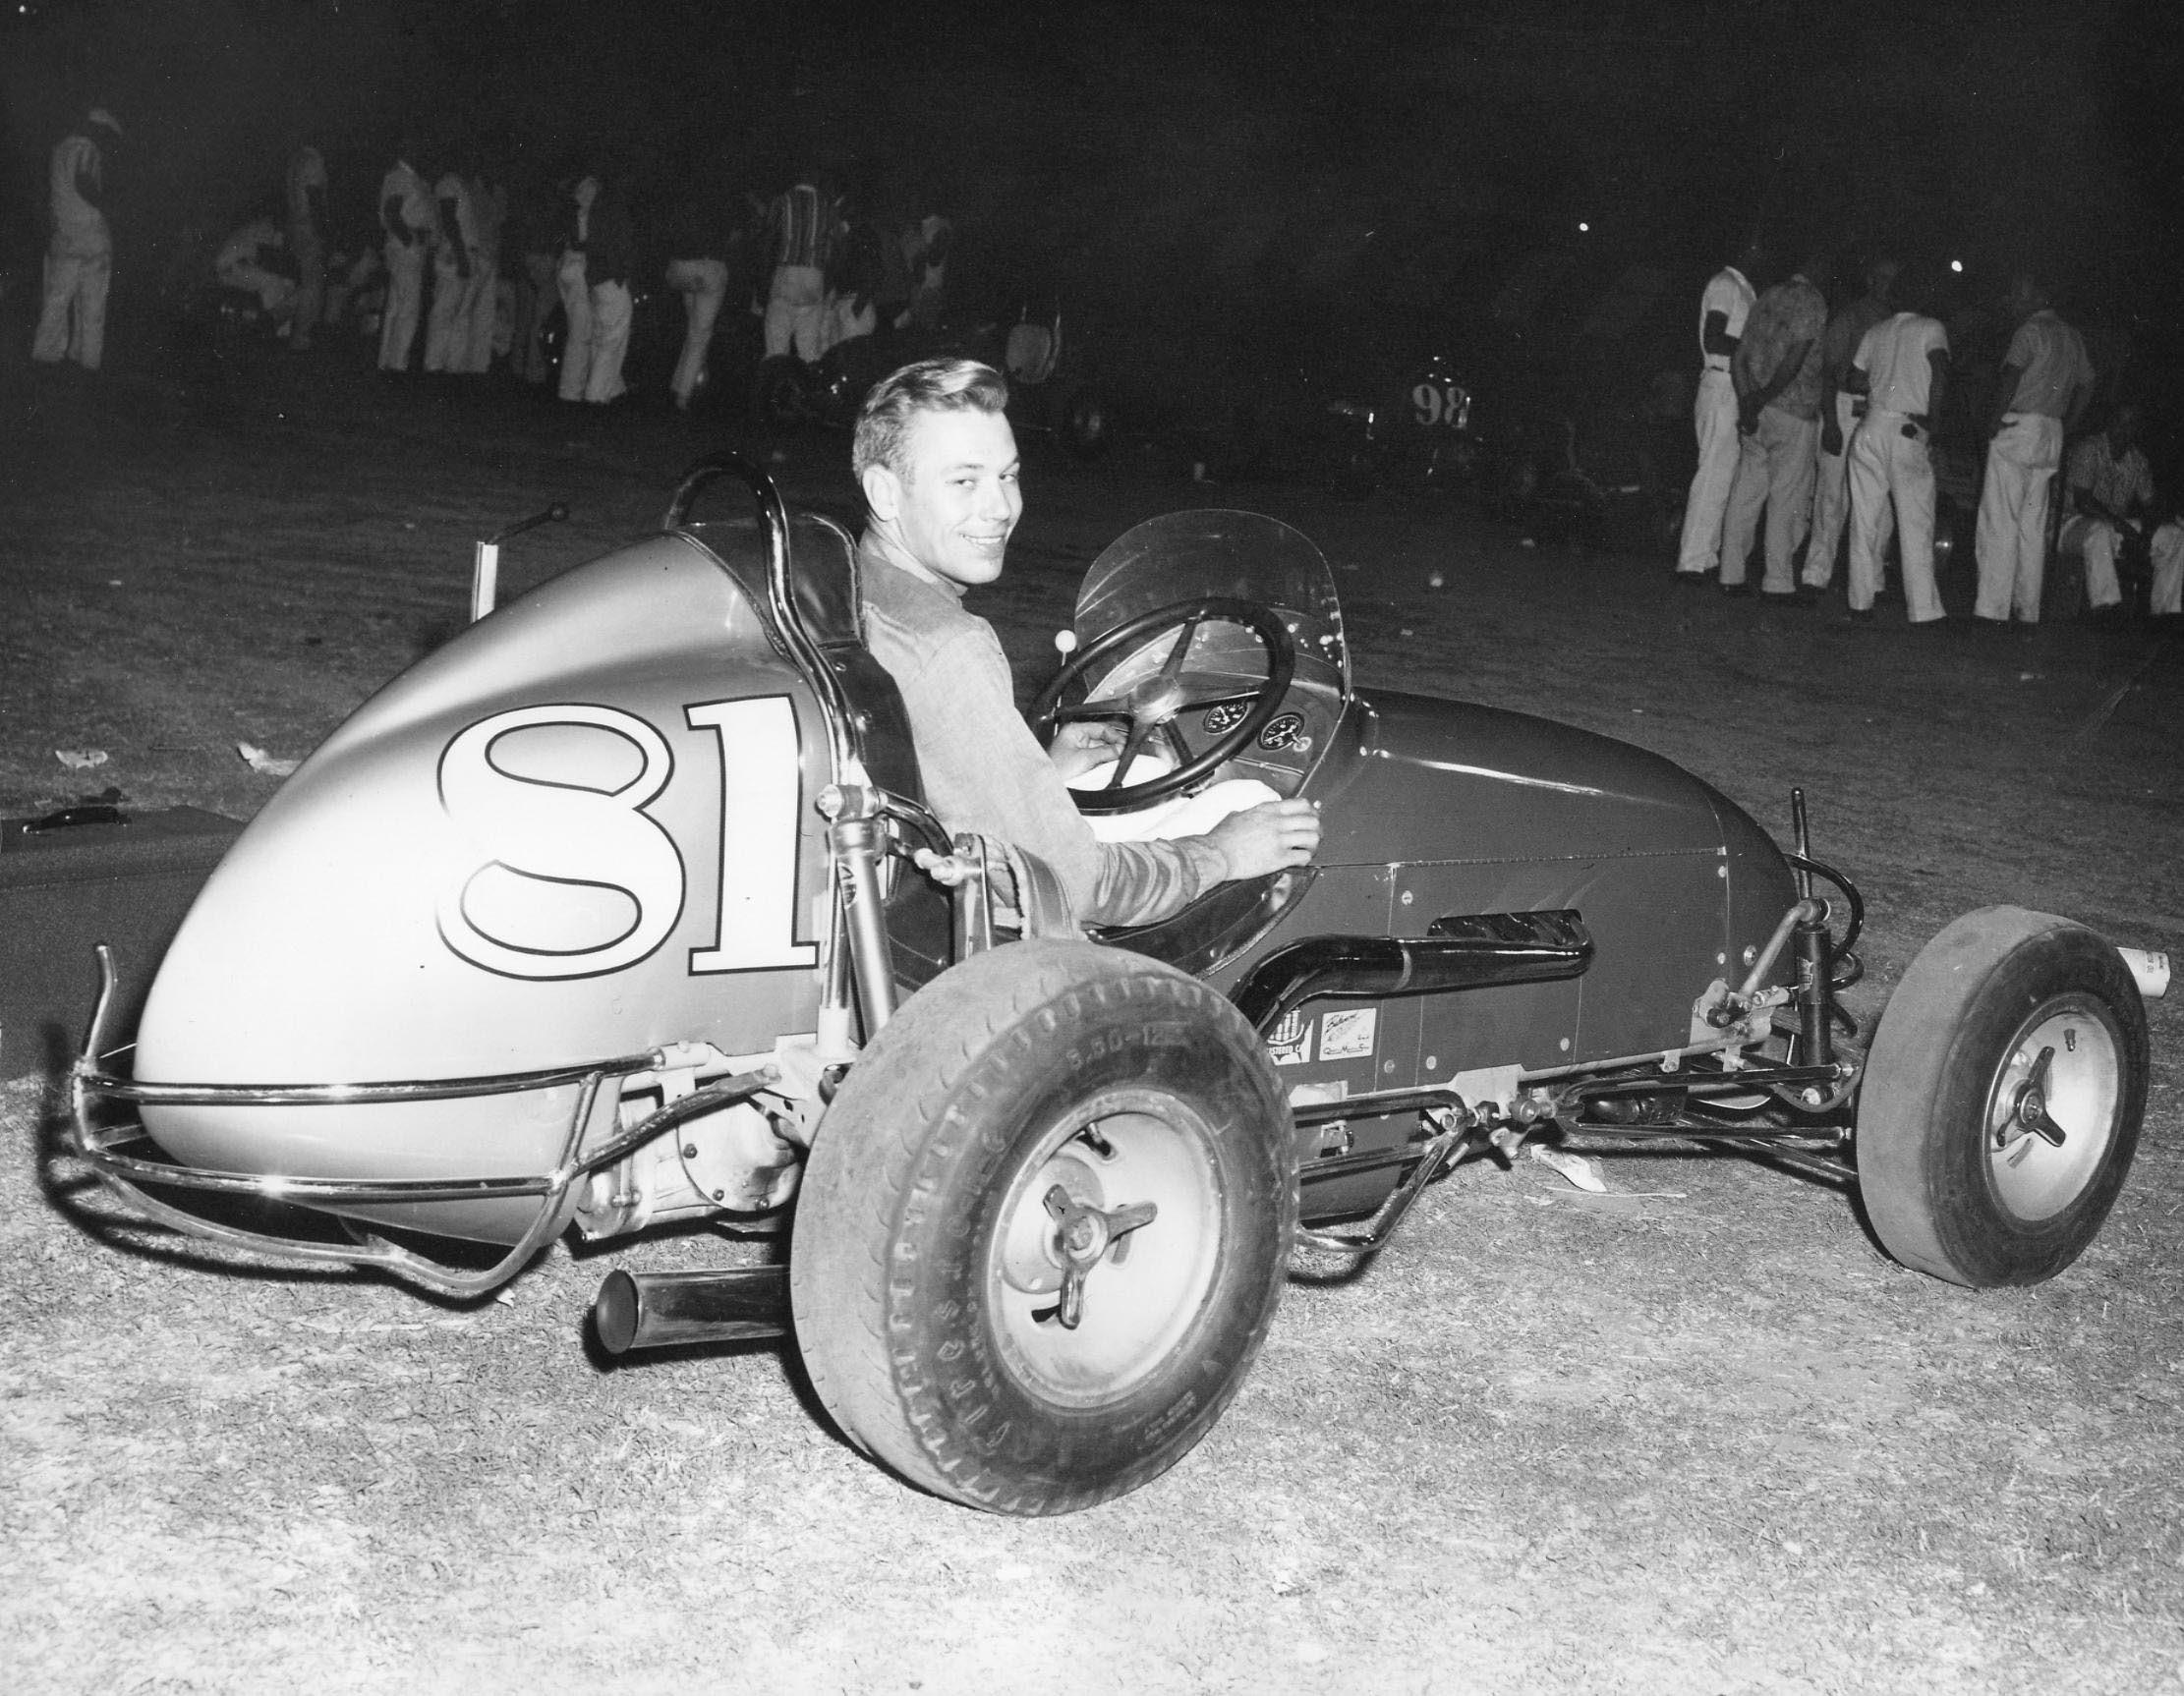 7 1960 #81-G. Benson / Kearny Bowl, Fresno